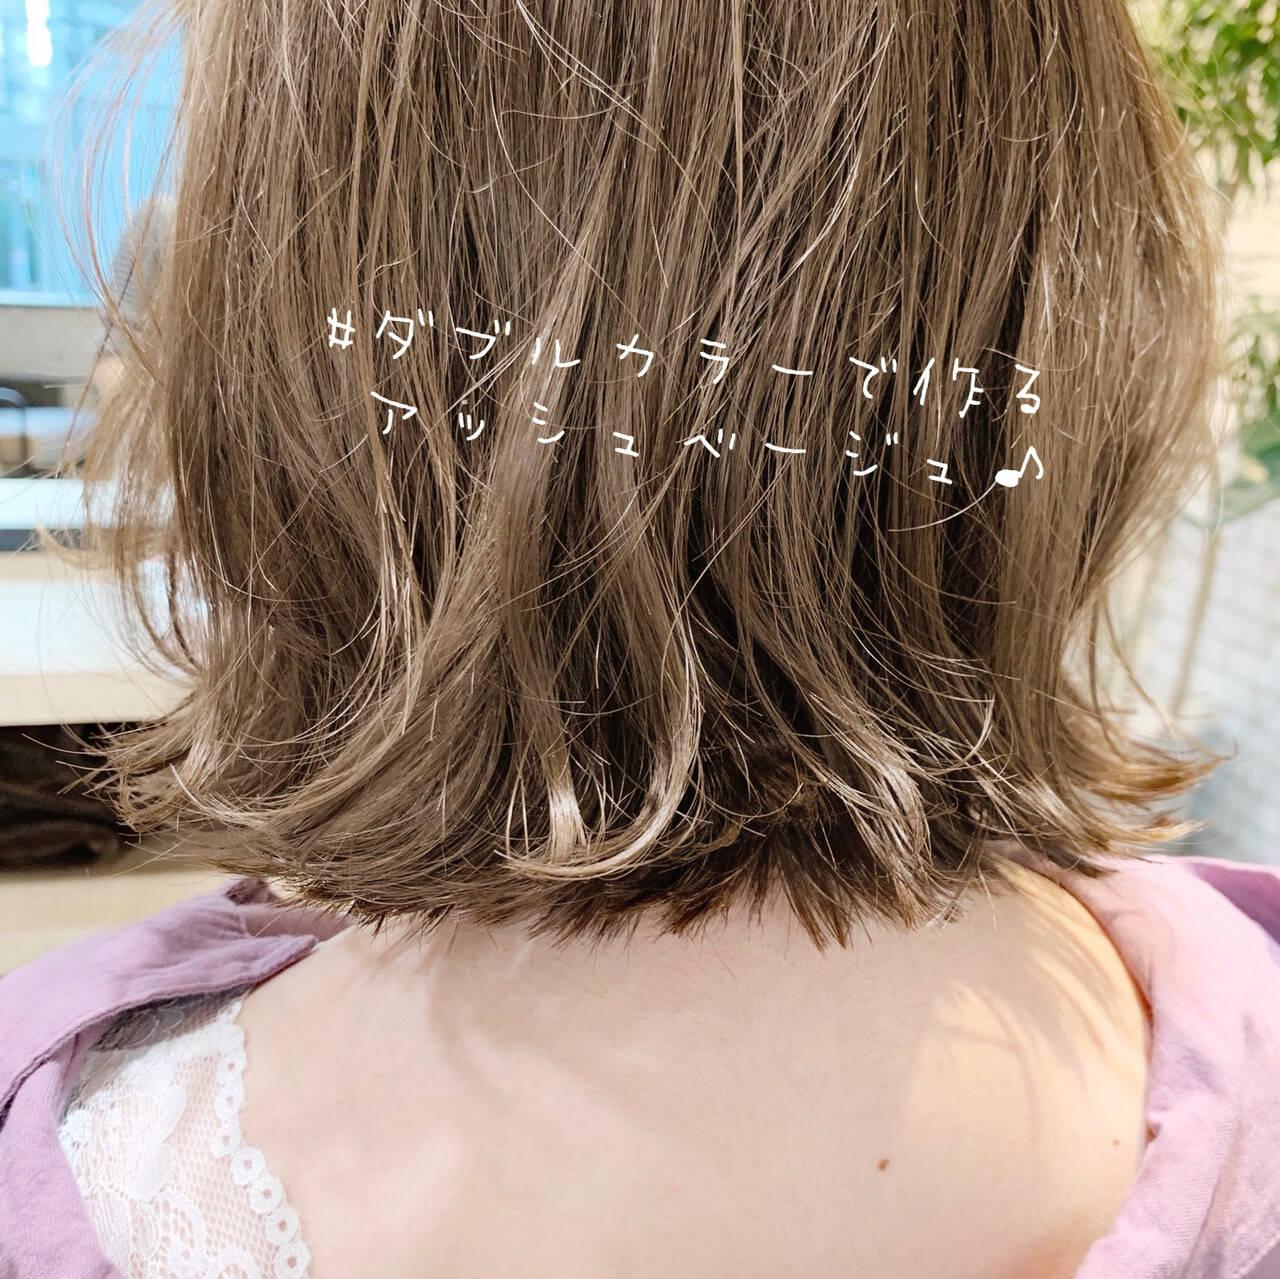 ボブ 切りっぱなしボブ ショートヘア インナーカラーヘアスタイルや髪型の写真・画像